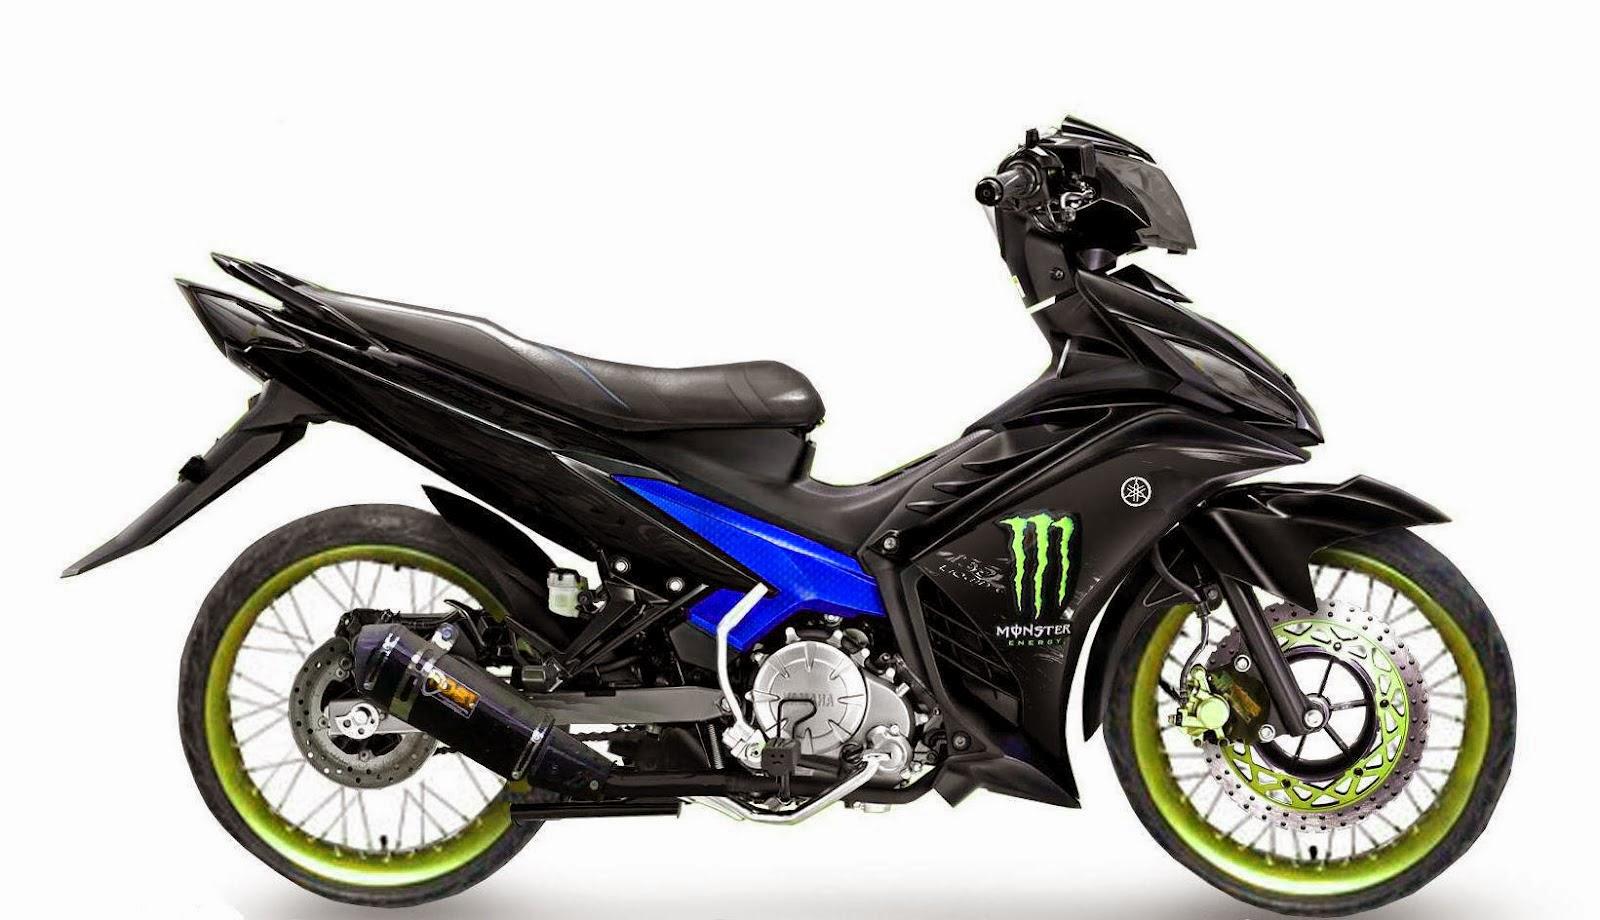 Biaya Modifikasi Motor Honda Supra X 125 Terbaik Dan Terupdate